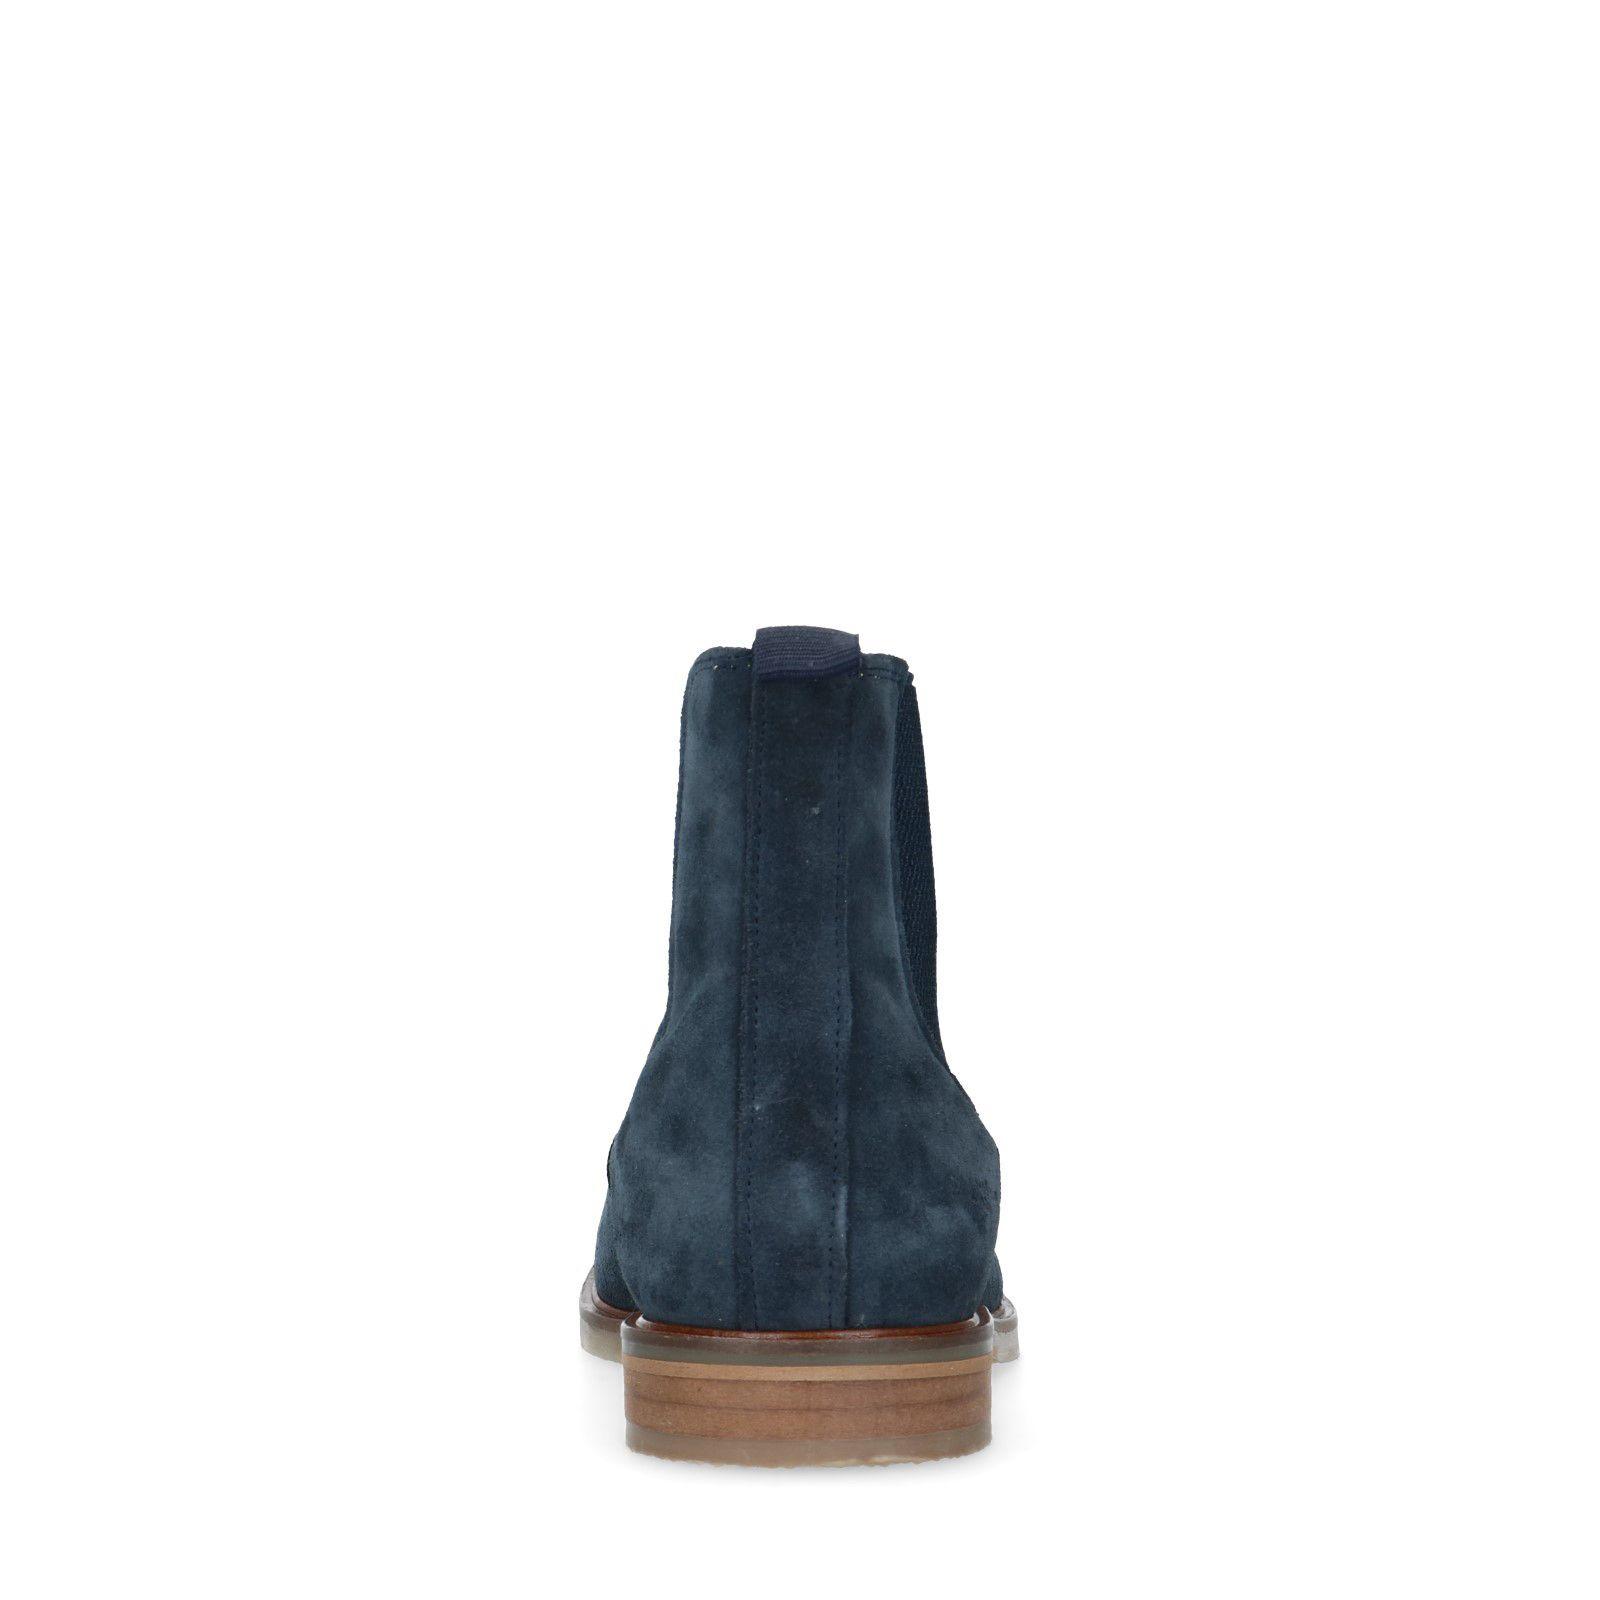 Blauwe suède chelsea boots Heren | MANFIELD